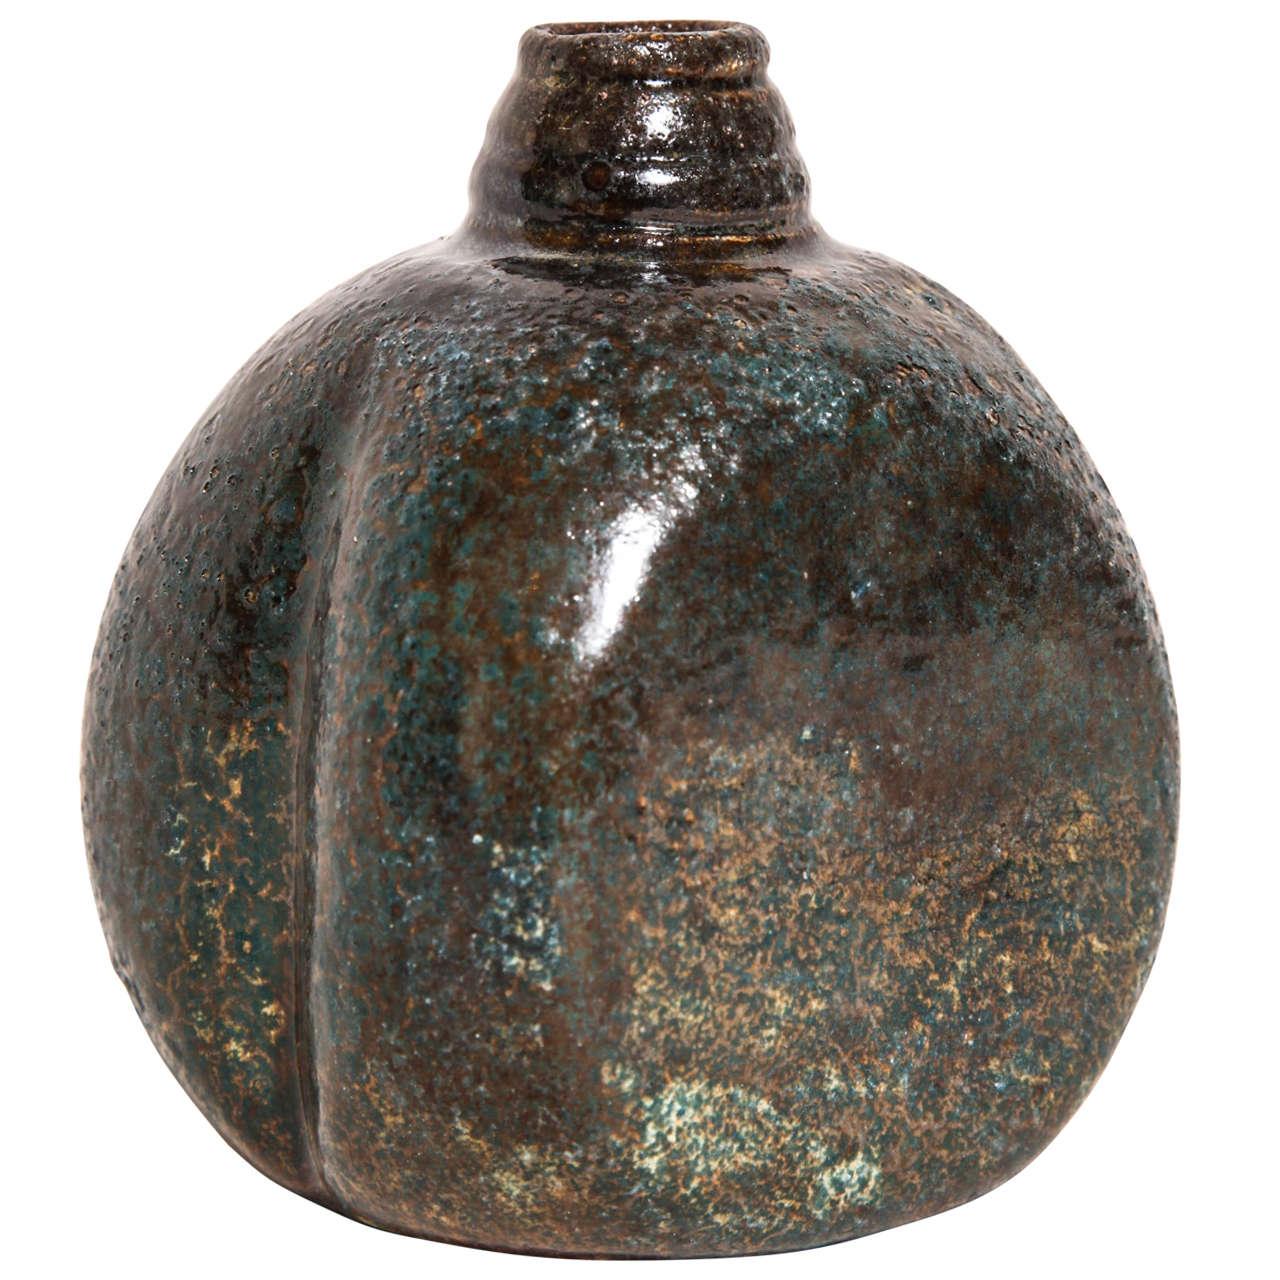 henri simmen french art deco stoneware vase for sale at. Black Bedroom Furniture Sets. Home Design Ideas